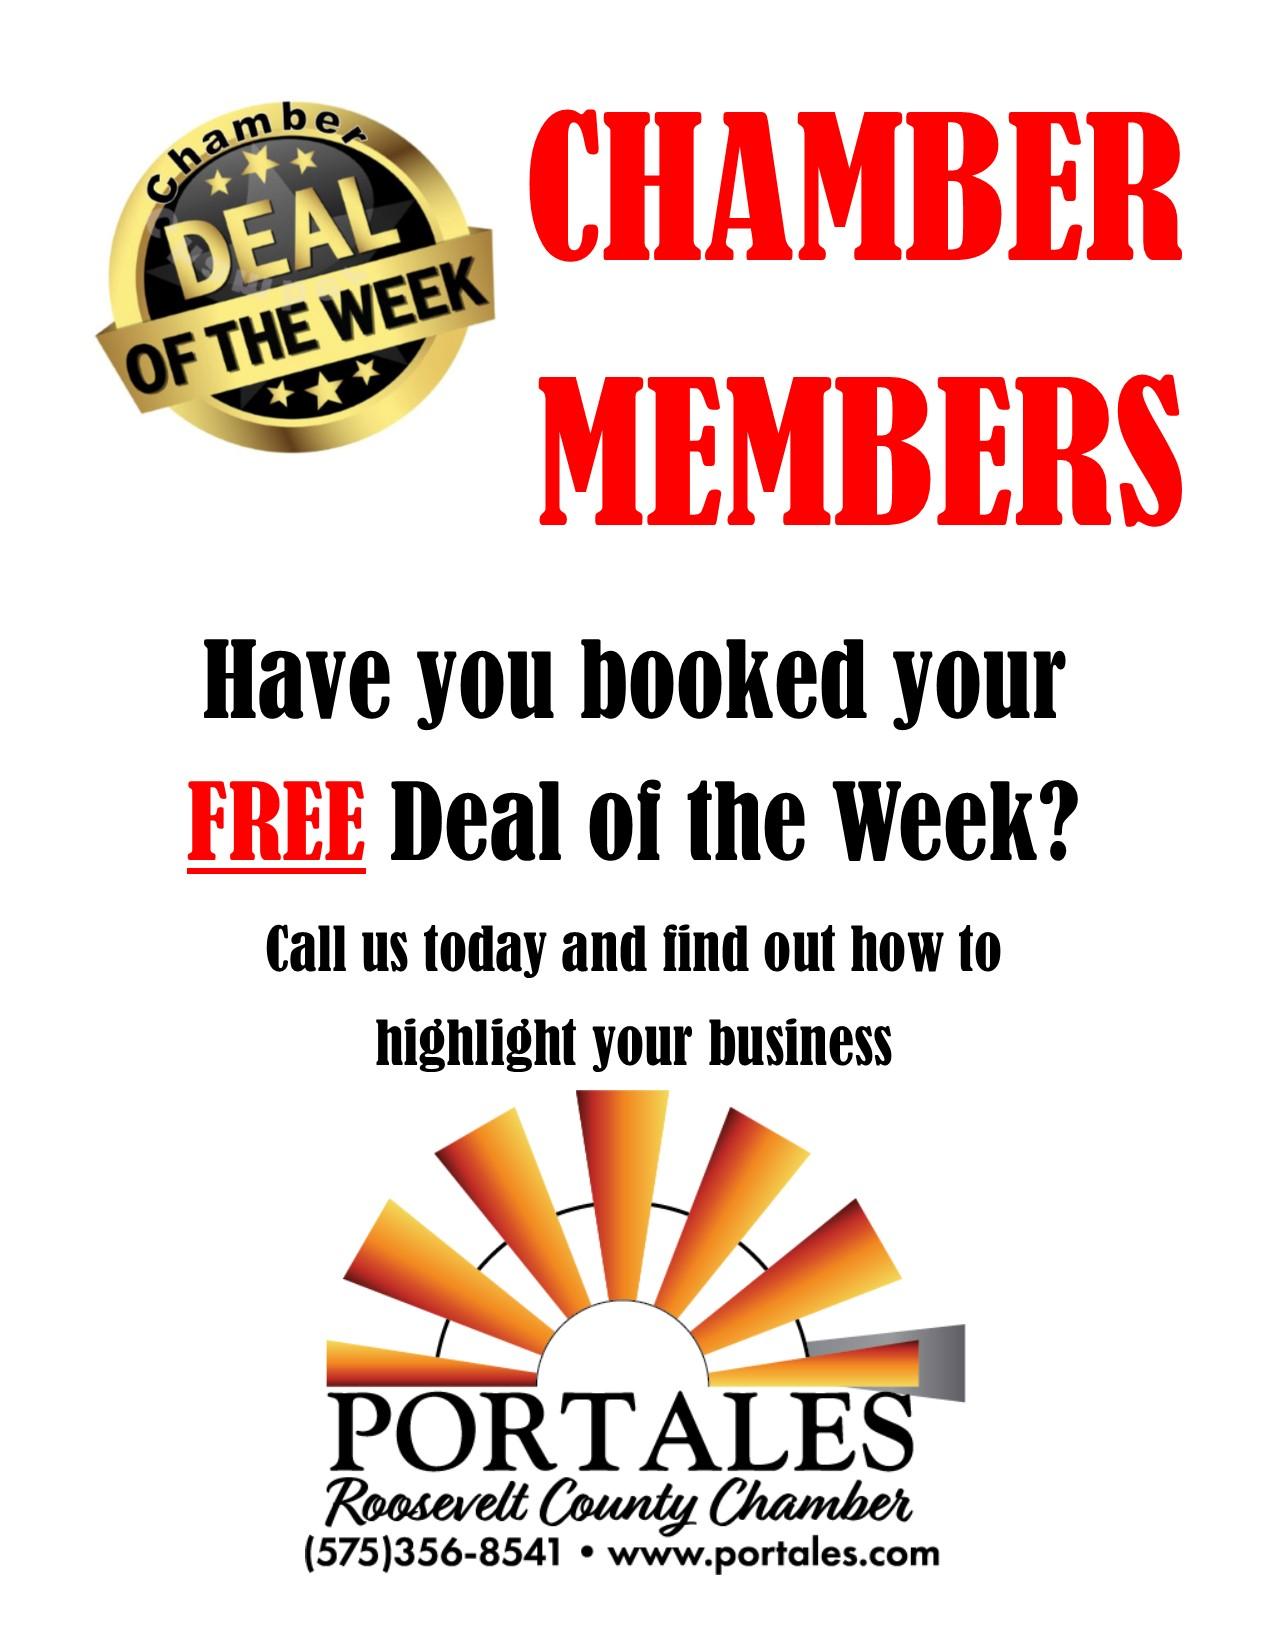 Deal-of-Week-ad-2.jpg